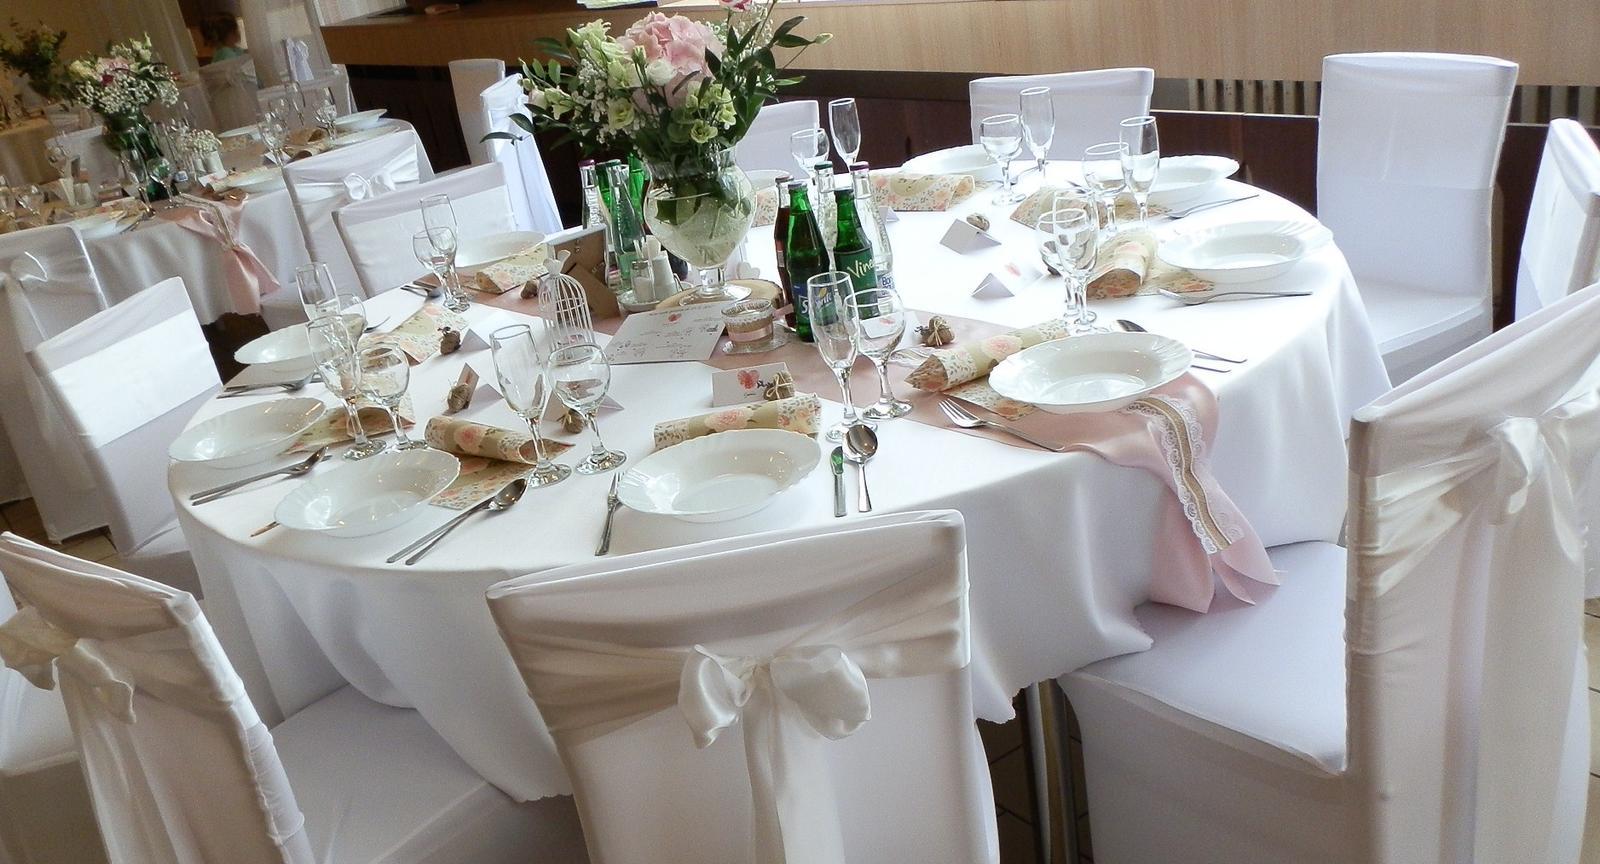 Okrúhle stoly + obrusy prenájom - Obrázok č. 3